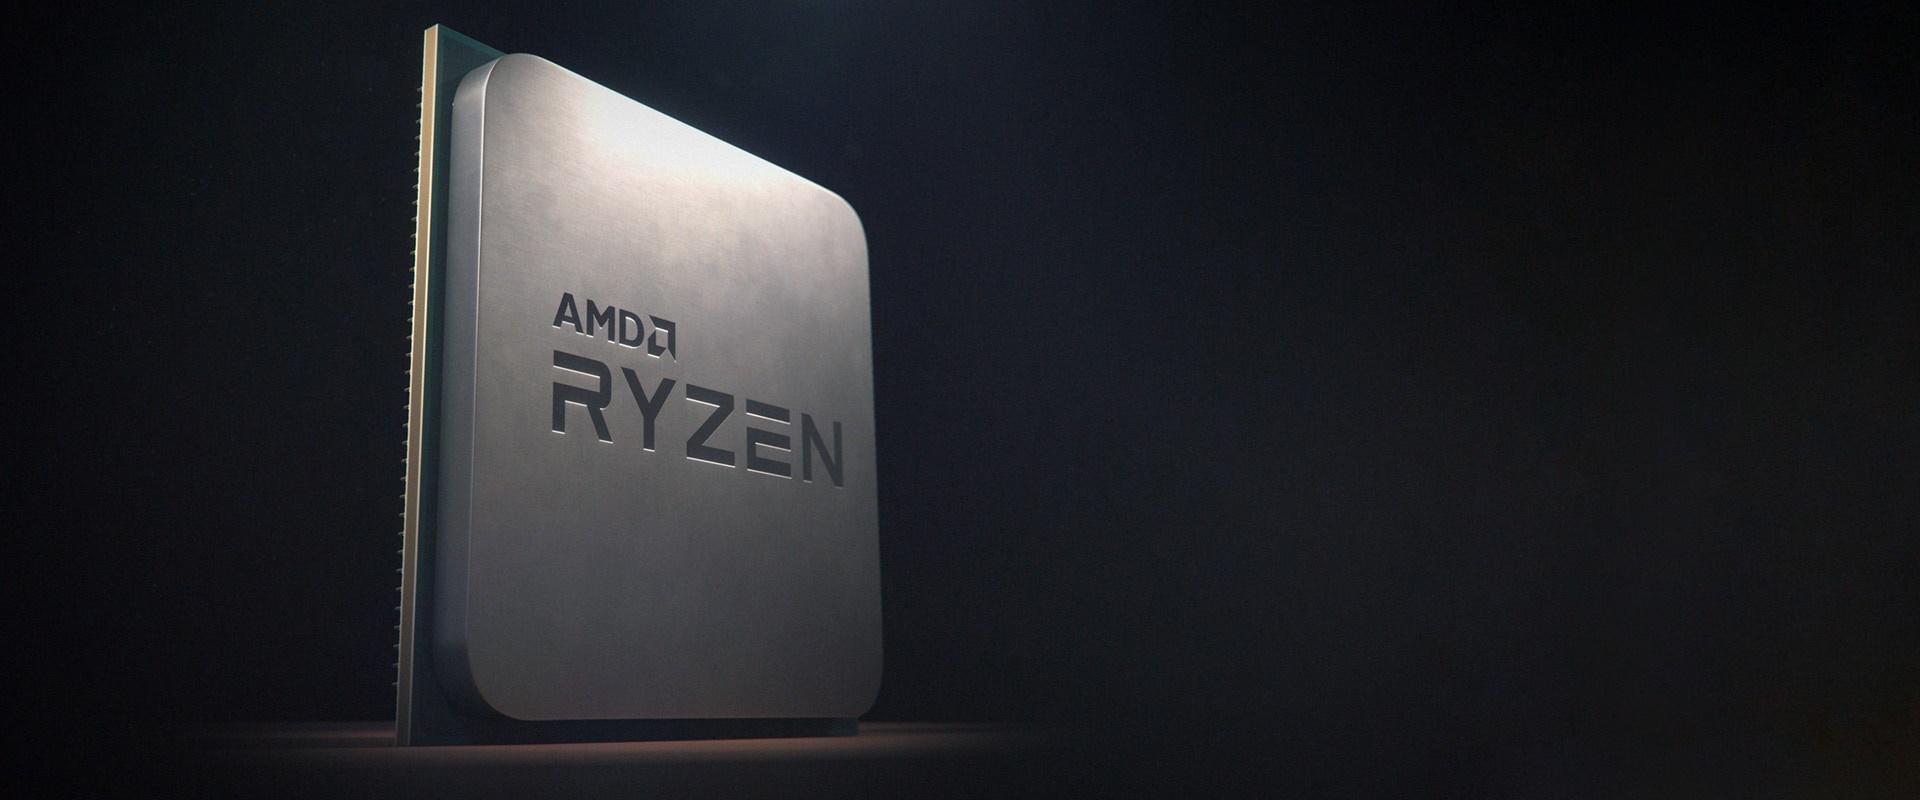 Энтузиаст нашёл способ бесплатно ускорить процессоры Ryzen 3000 на 100–200 МГц